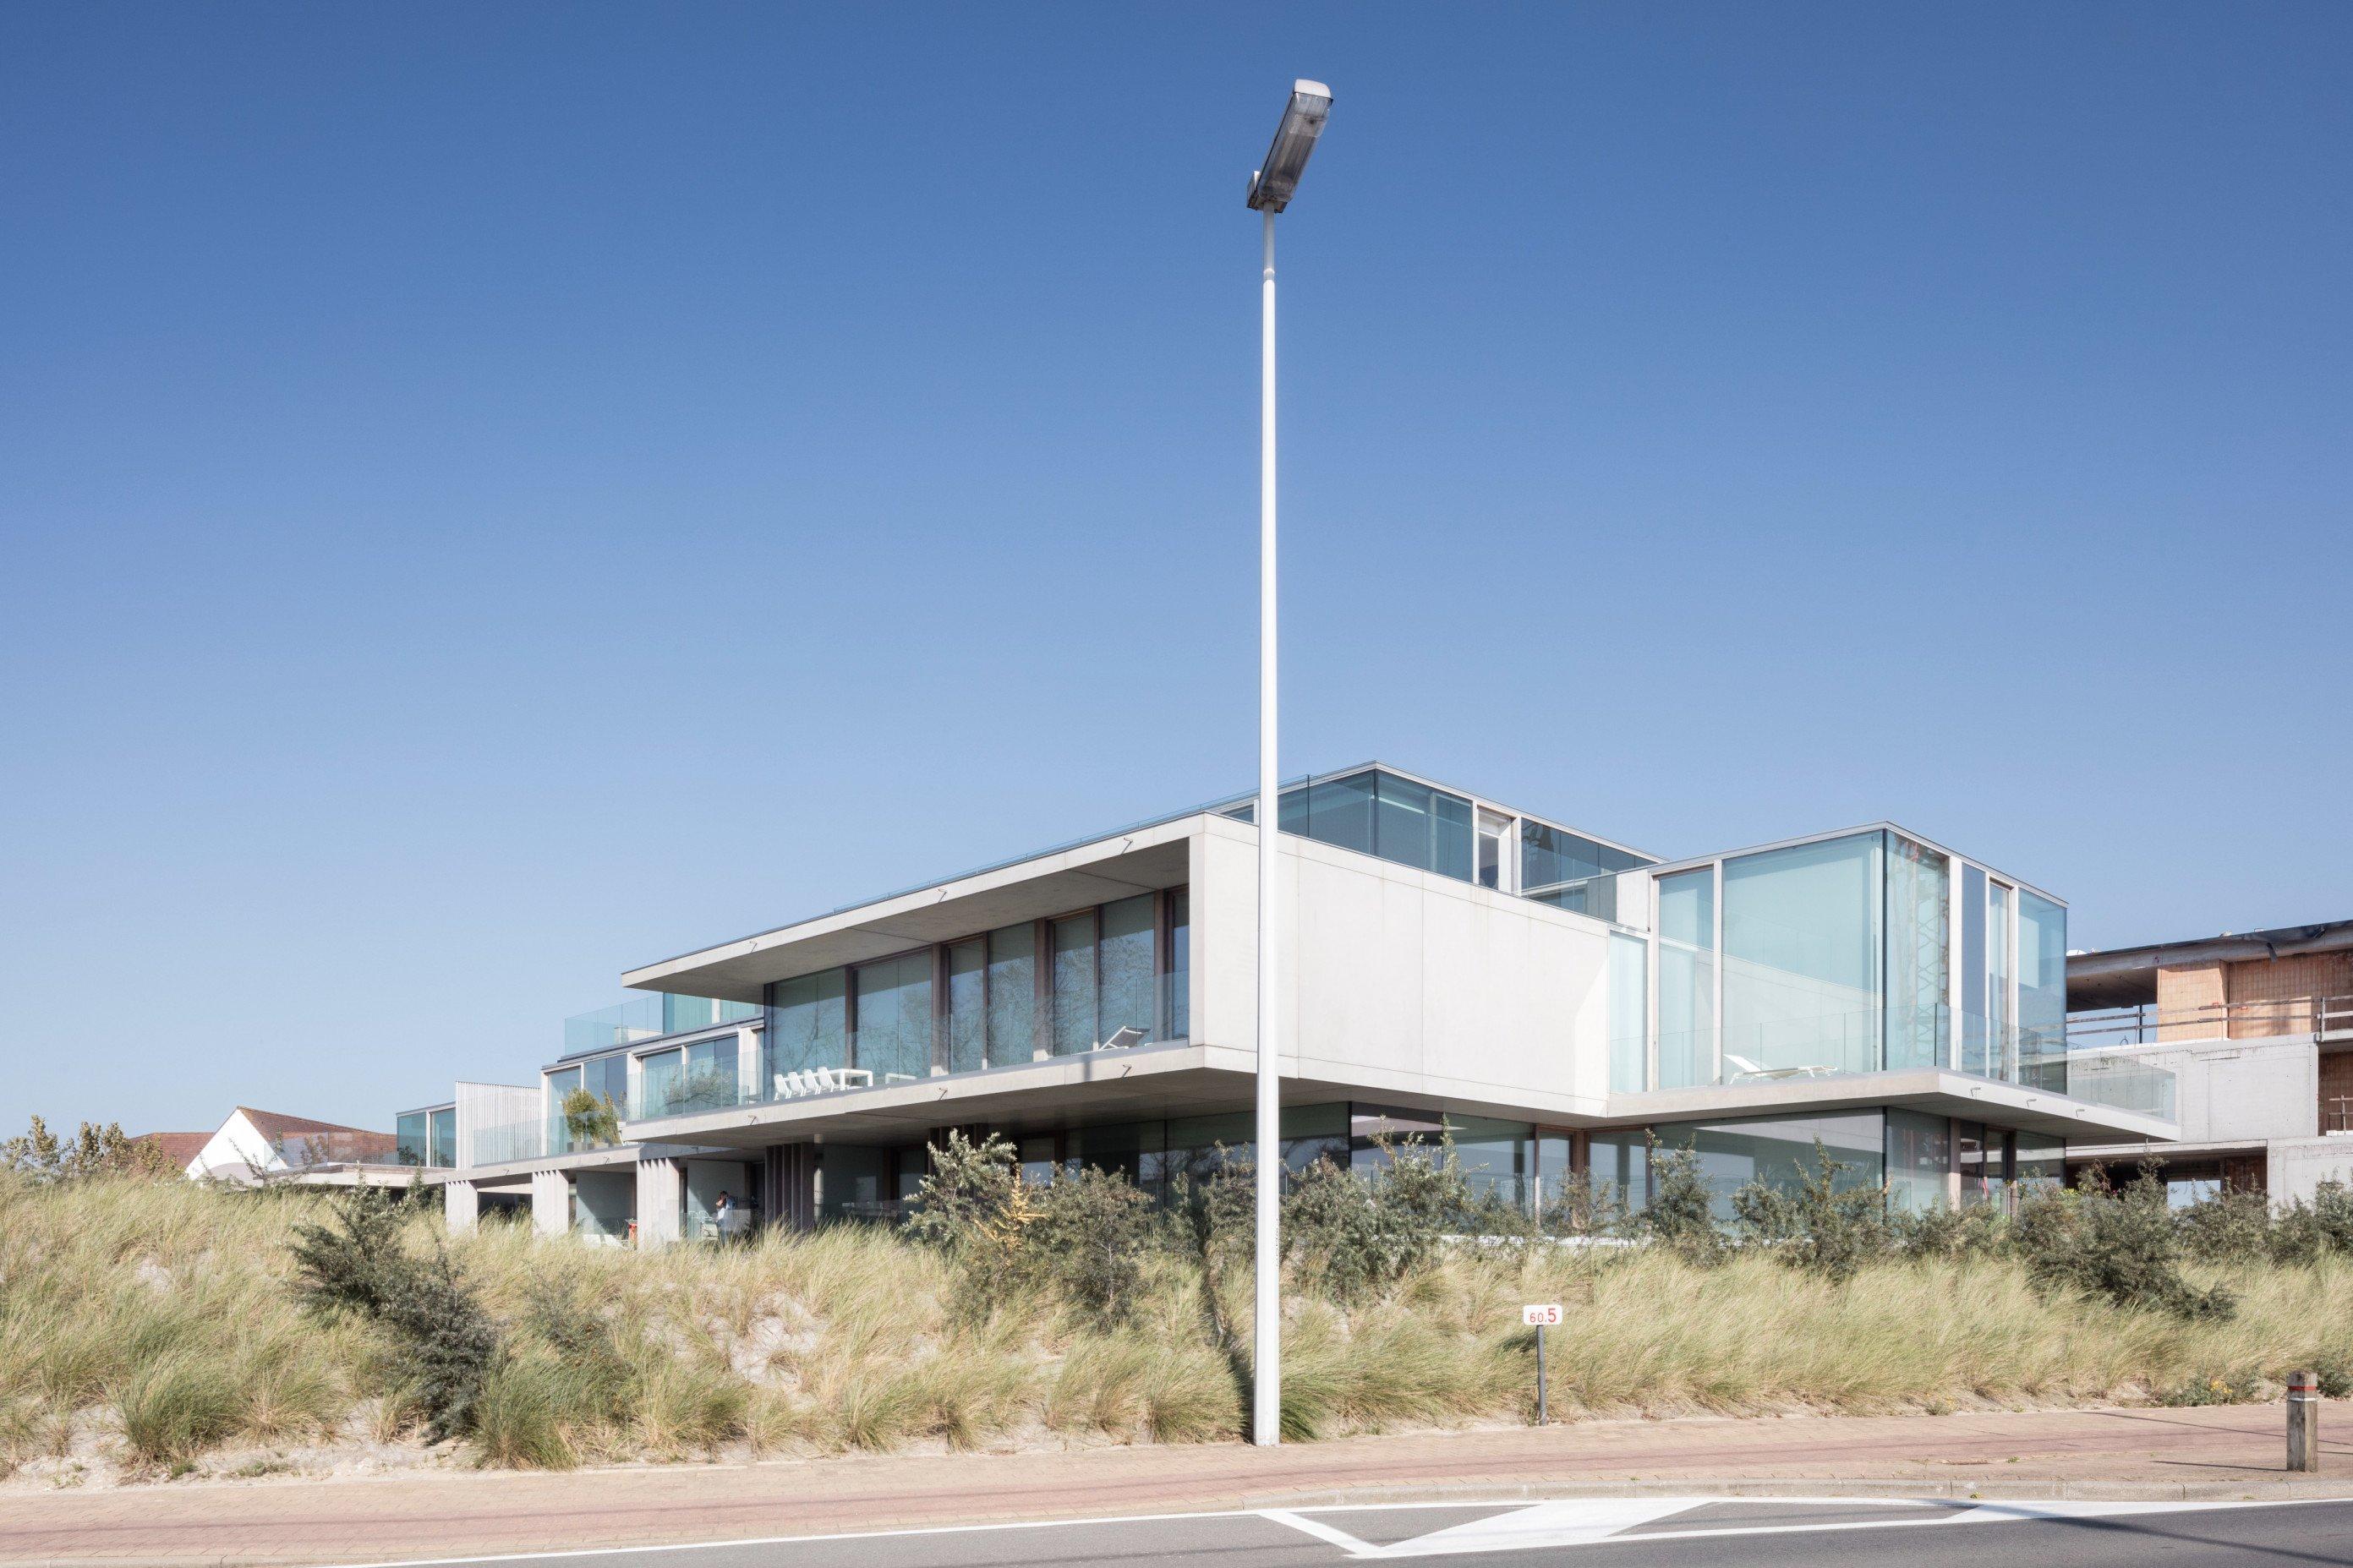 Rietveldprojects-Corbu-Koksijde-Fototimvandevelde12